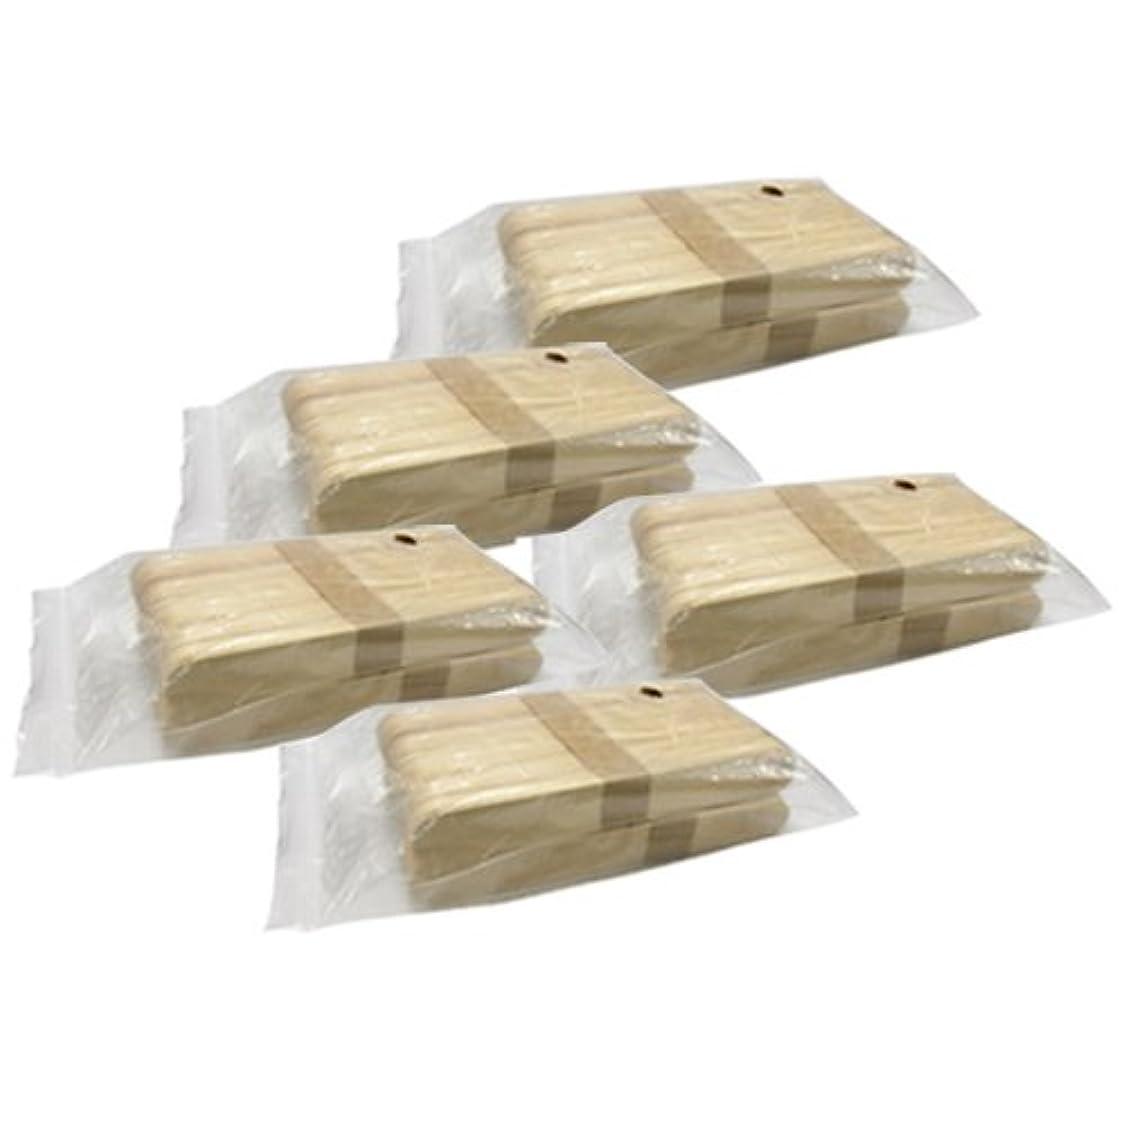 石炭サンドイッチ脚使い捨て【木ベラ/ウッドスパチュラ】(業務用100枚入り) × 5袋セット(計500枚)/WAX脱毛等や舌厚子にも …